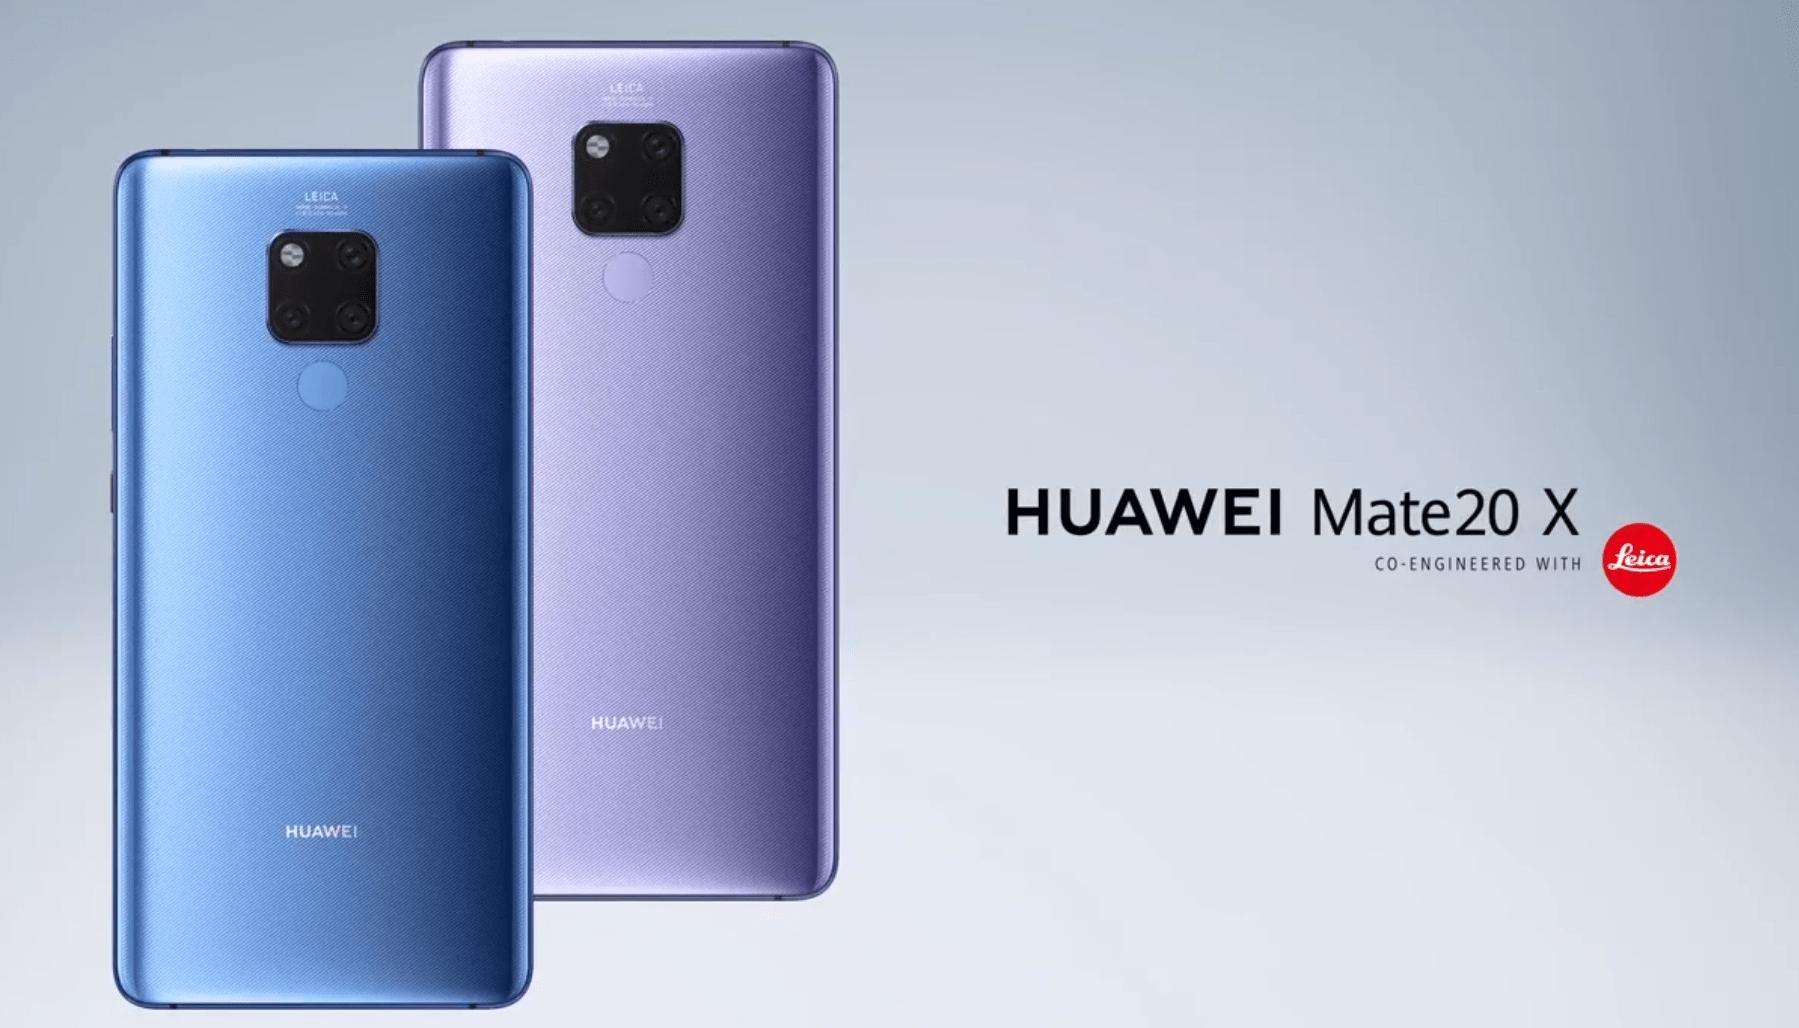 Das Huawei Mate 20 X zum niedrigsten Preis aller Zeiten Amazon 1